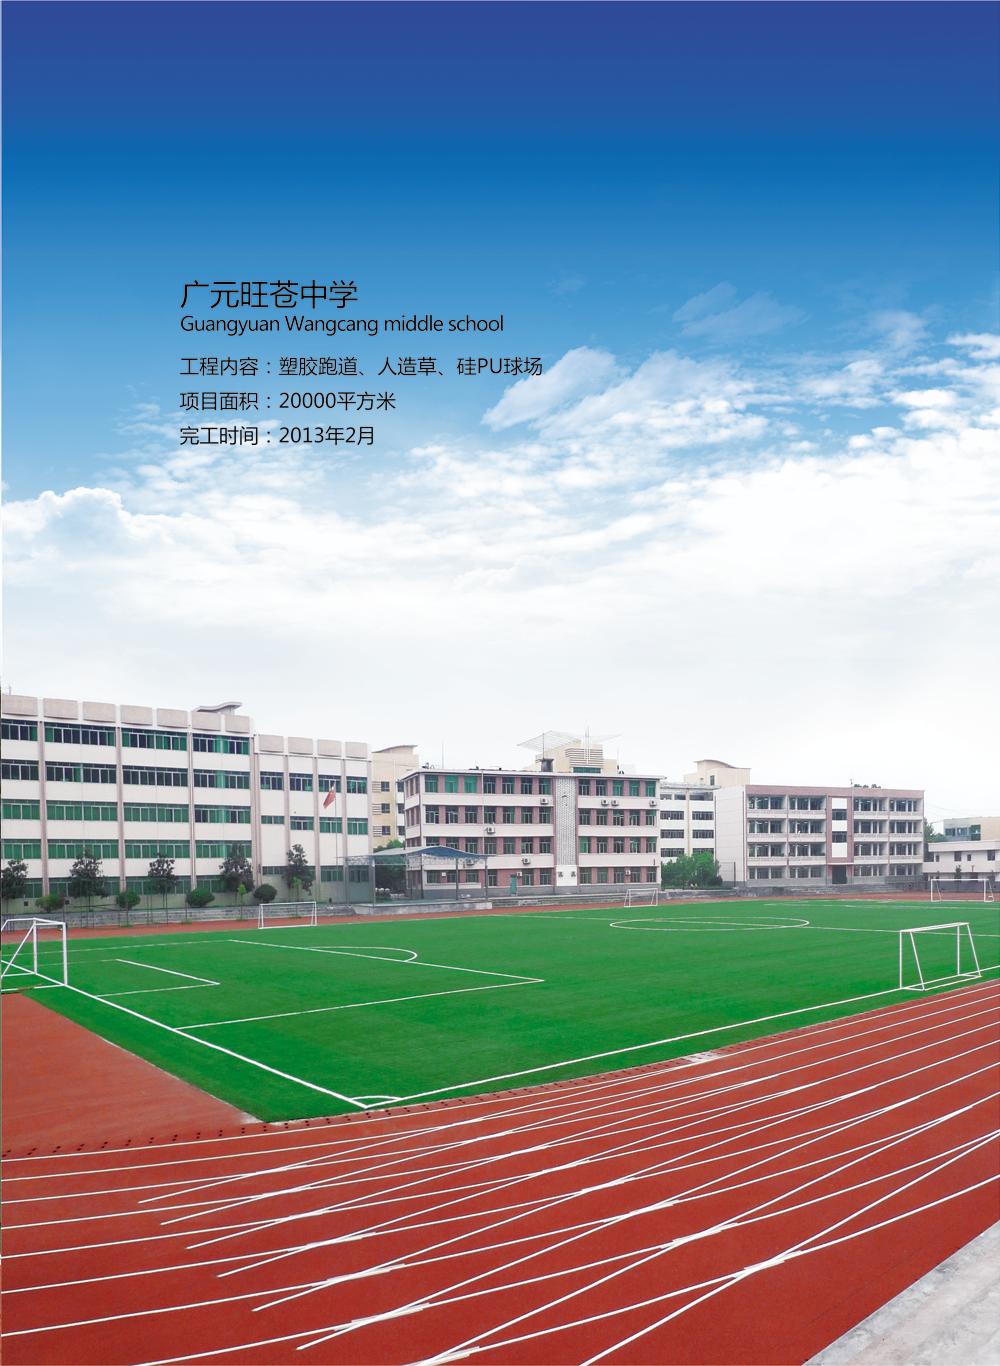 广元旺苍中学